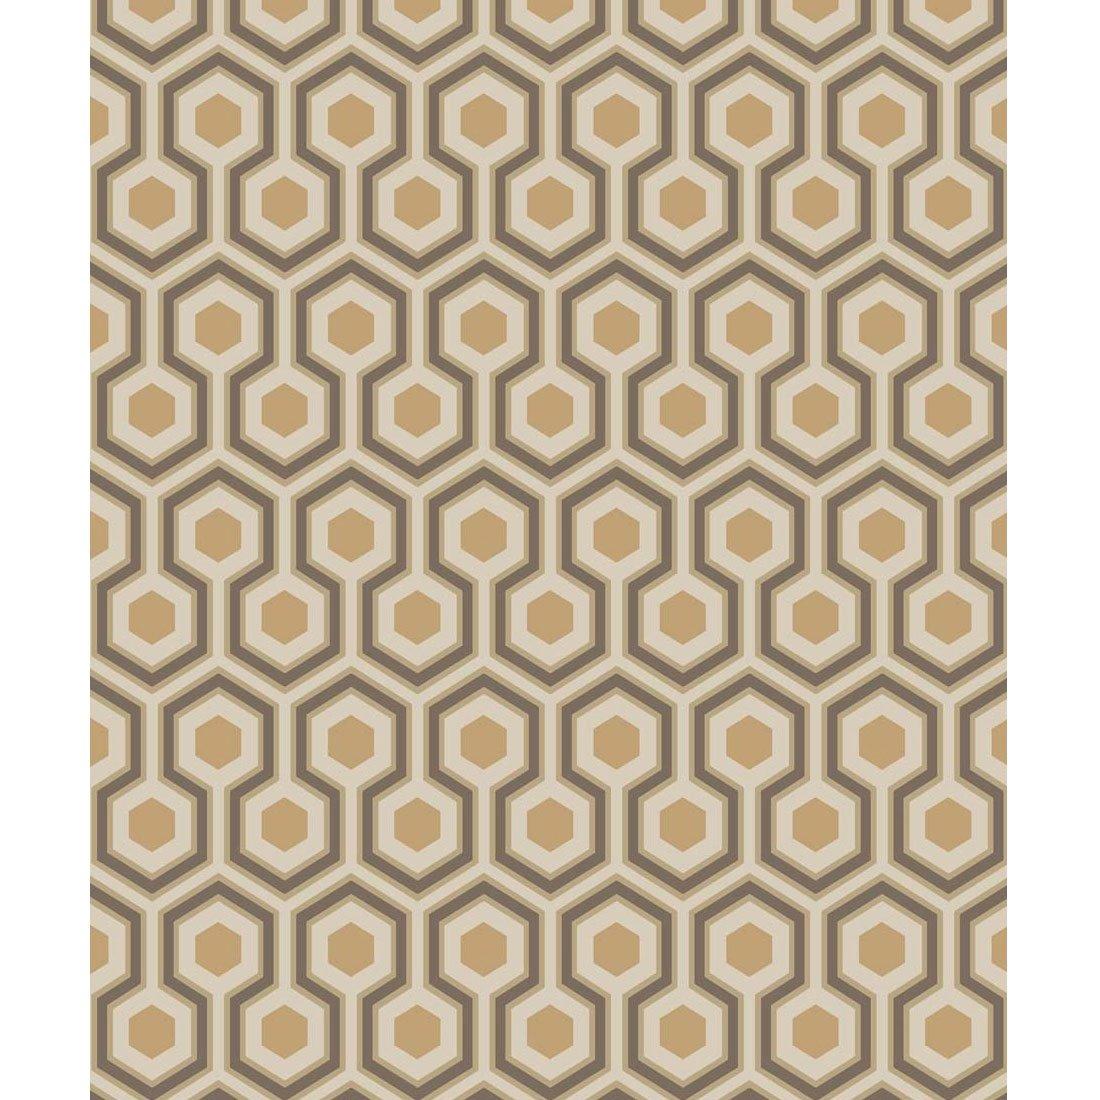 Cole & Son Hicks' Hexagon Behang 953017